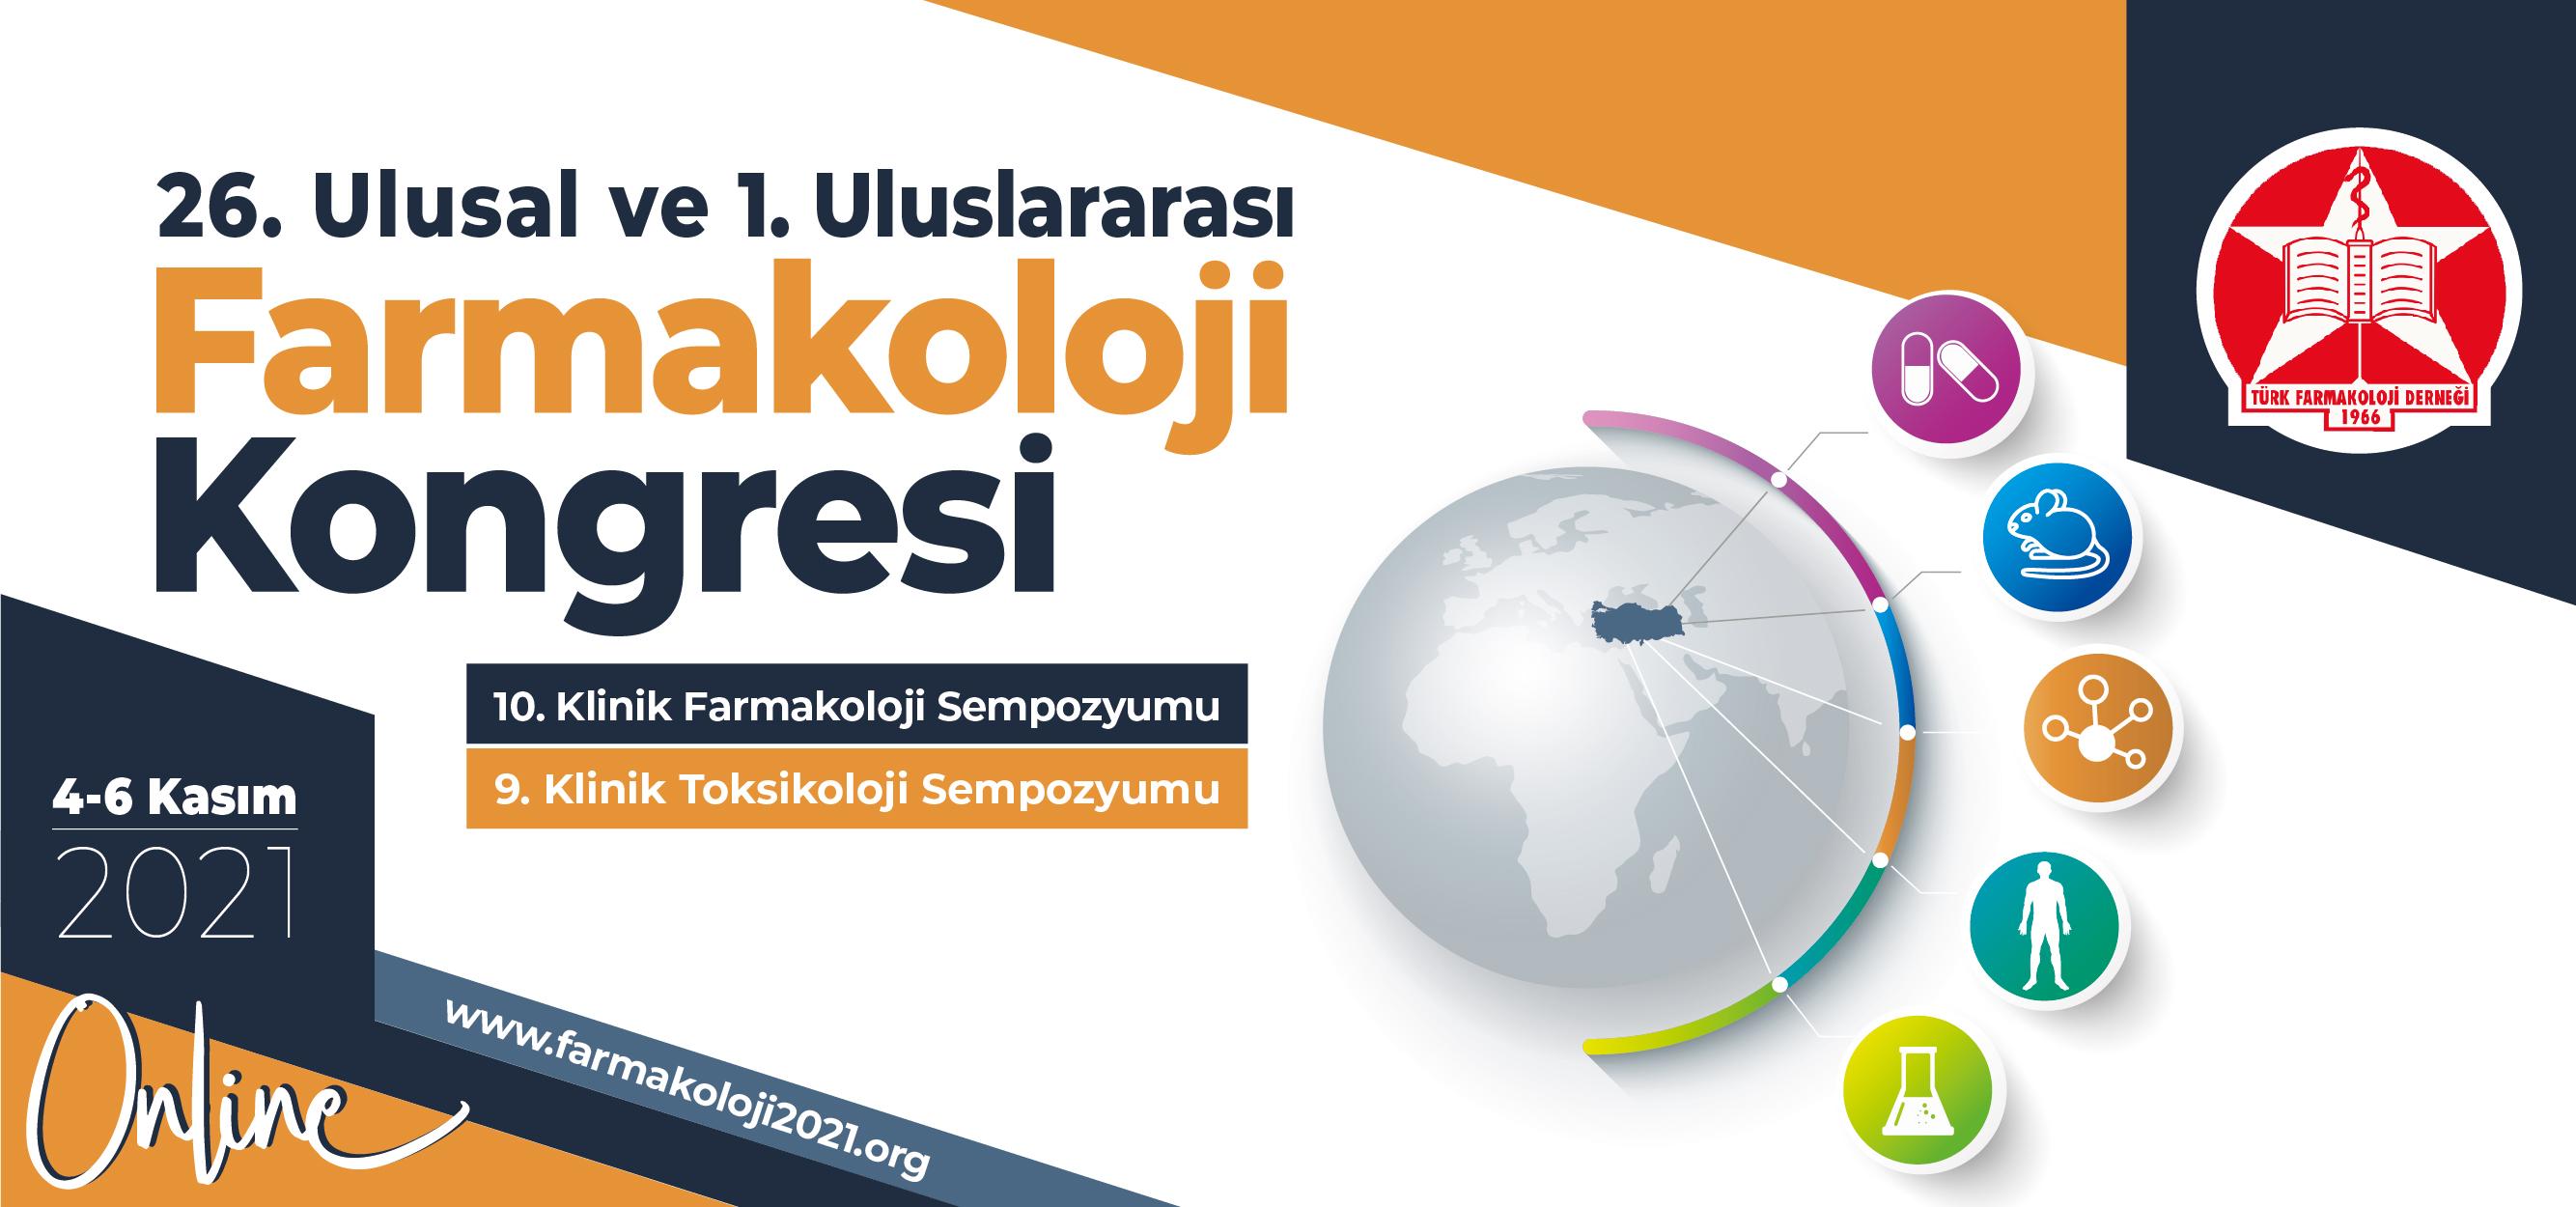 26. Ulusal ve 1. Uluslararası Farmakoloji Kongresi Duyurusu